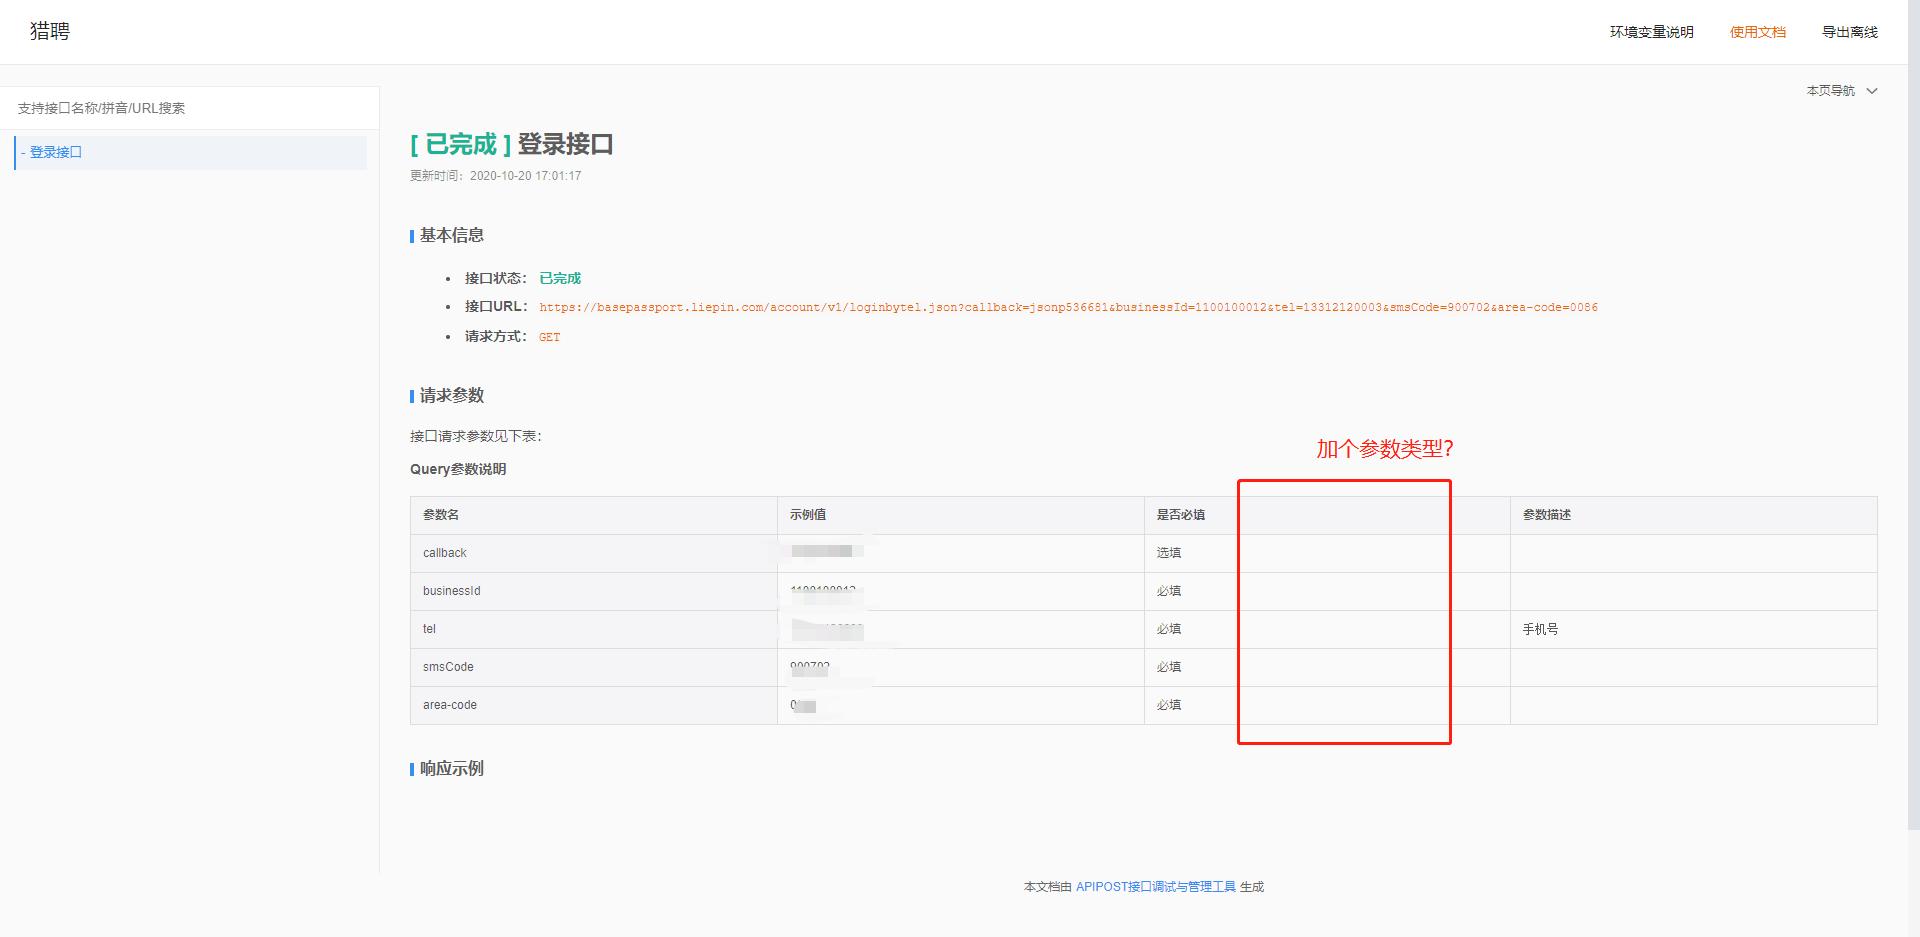 使用APIPOST工具调试微信公众号接口时一直返回失败,使用其他API调试工具确可以